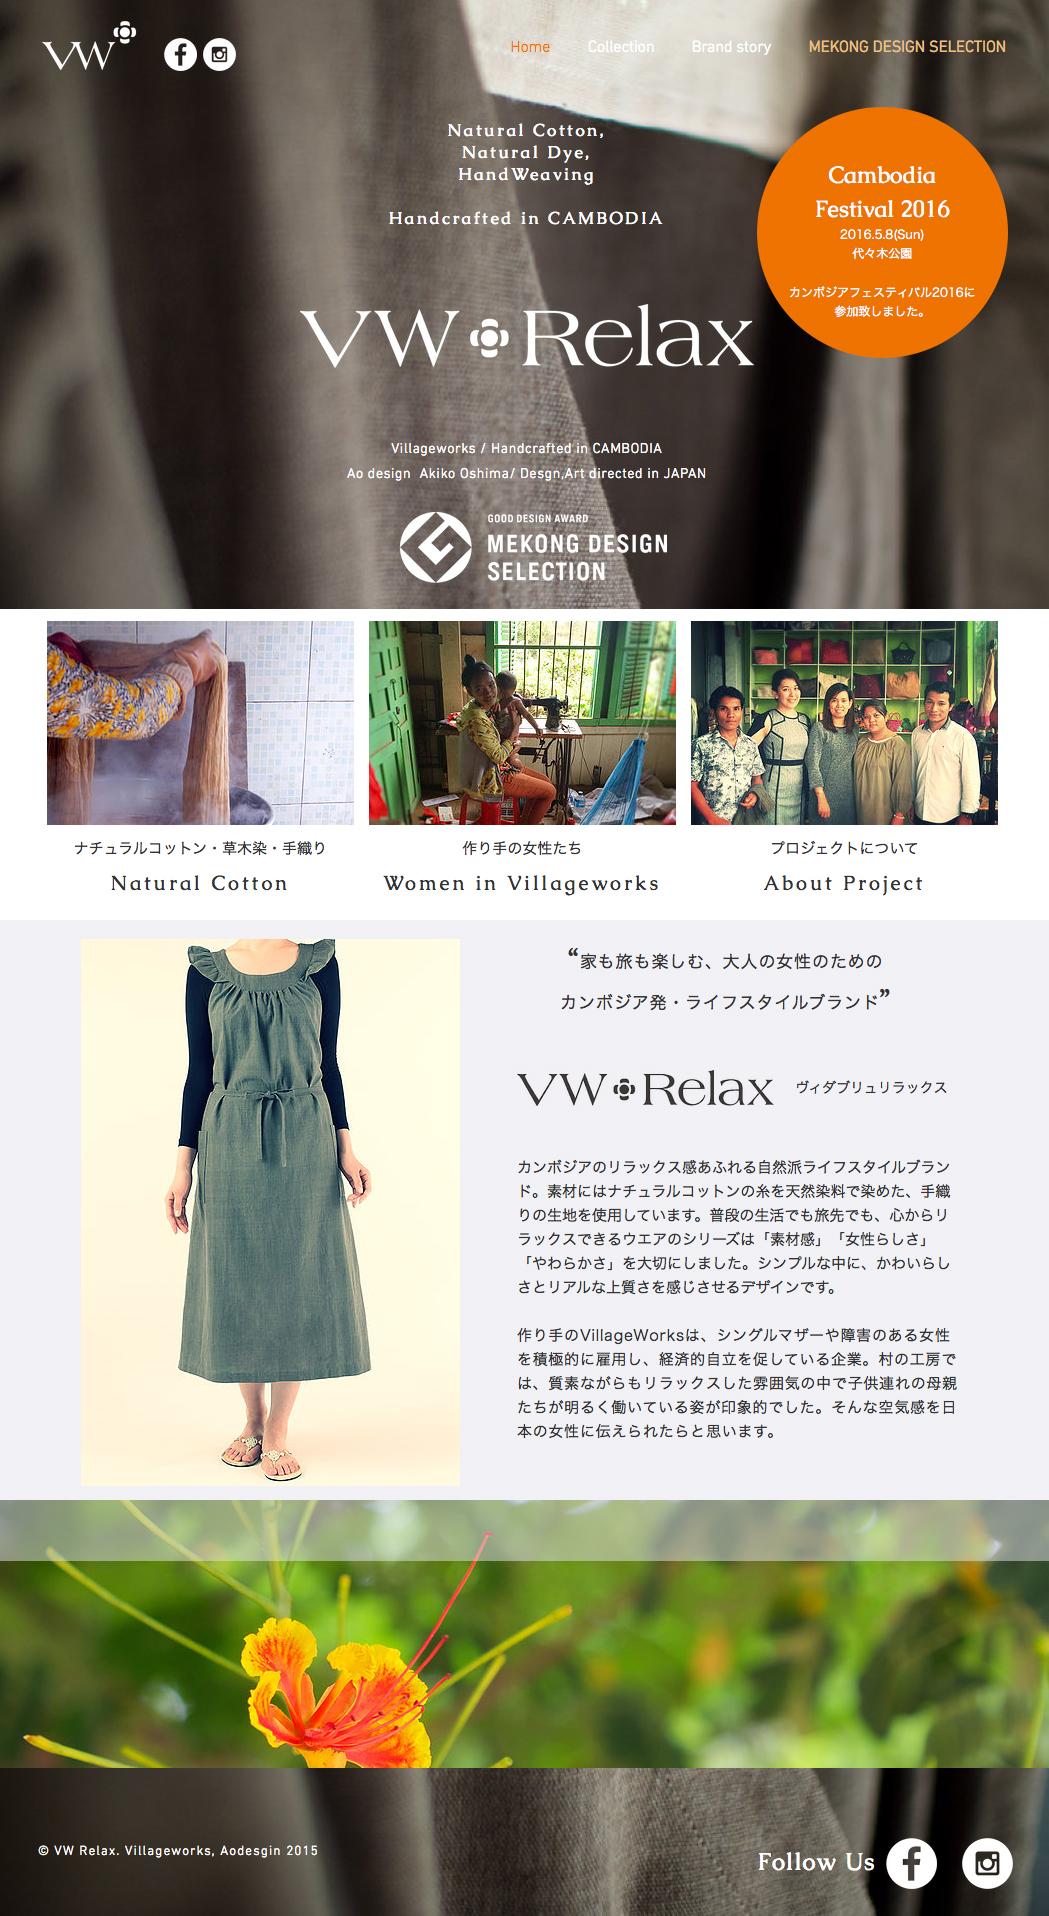 vwrelax.com